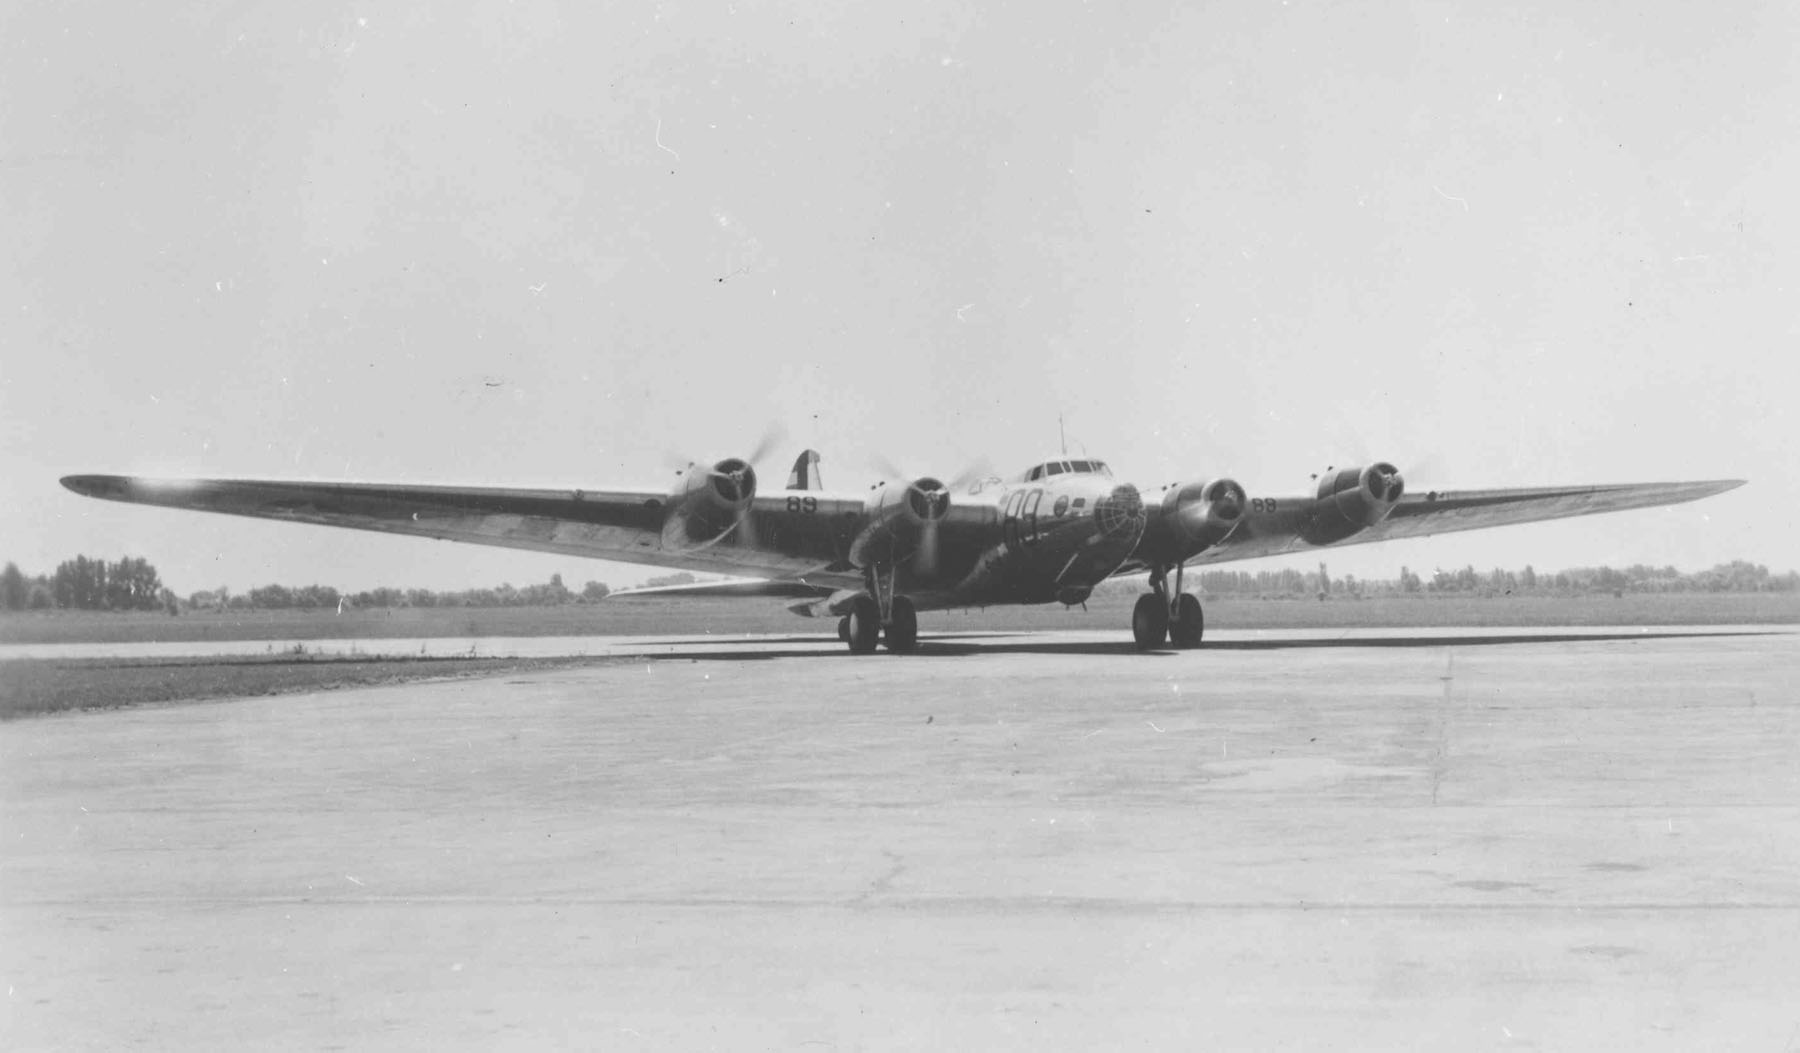 El único prototipo XB-15 aparece aquí, acelerando sus cuatro motores e iniciando el carreteo. Falto de potencia y difícil de volar, tras ser cancelada su producción fue convertido en carguero (designado como XC-105) y operó en el Caribe hasta ser desguazado en 1945 (fuente: nationalmuseum.af.mil)